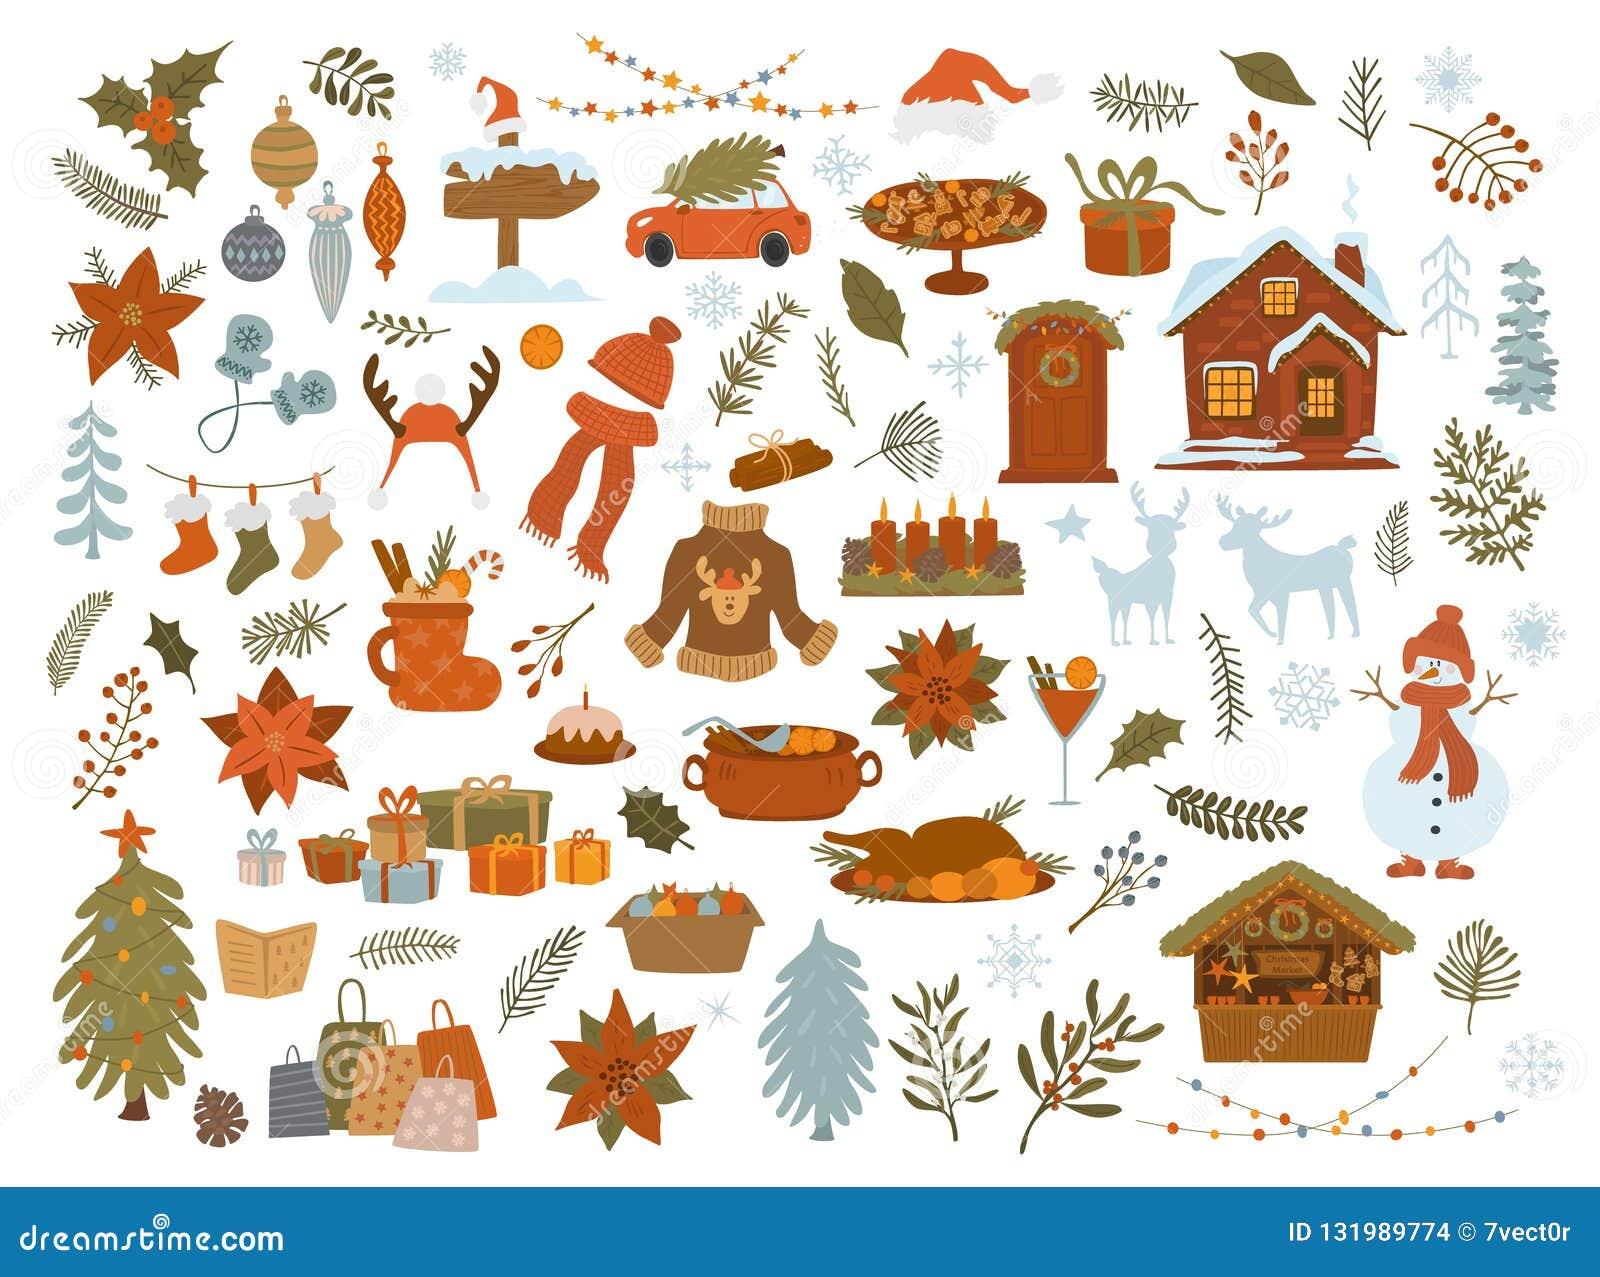 Artículos sistema, árbol de Navidad, regalos de las luces, casa, coche, decoración, de los objetos de la Navidad gráfico aislado